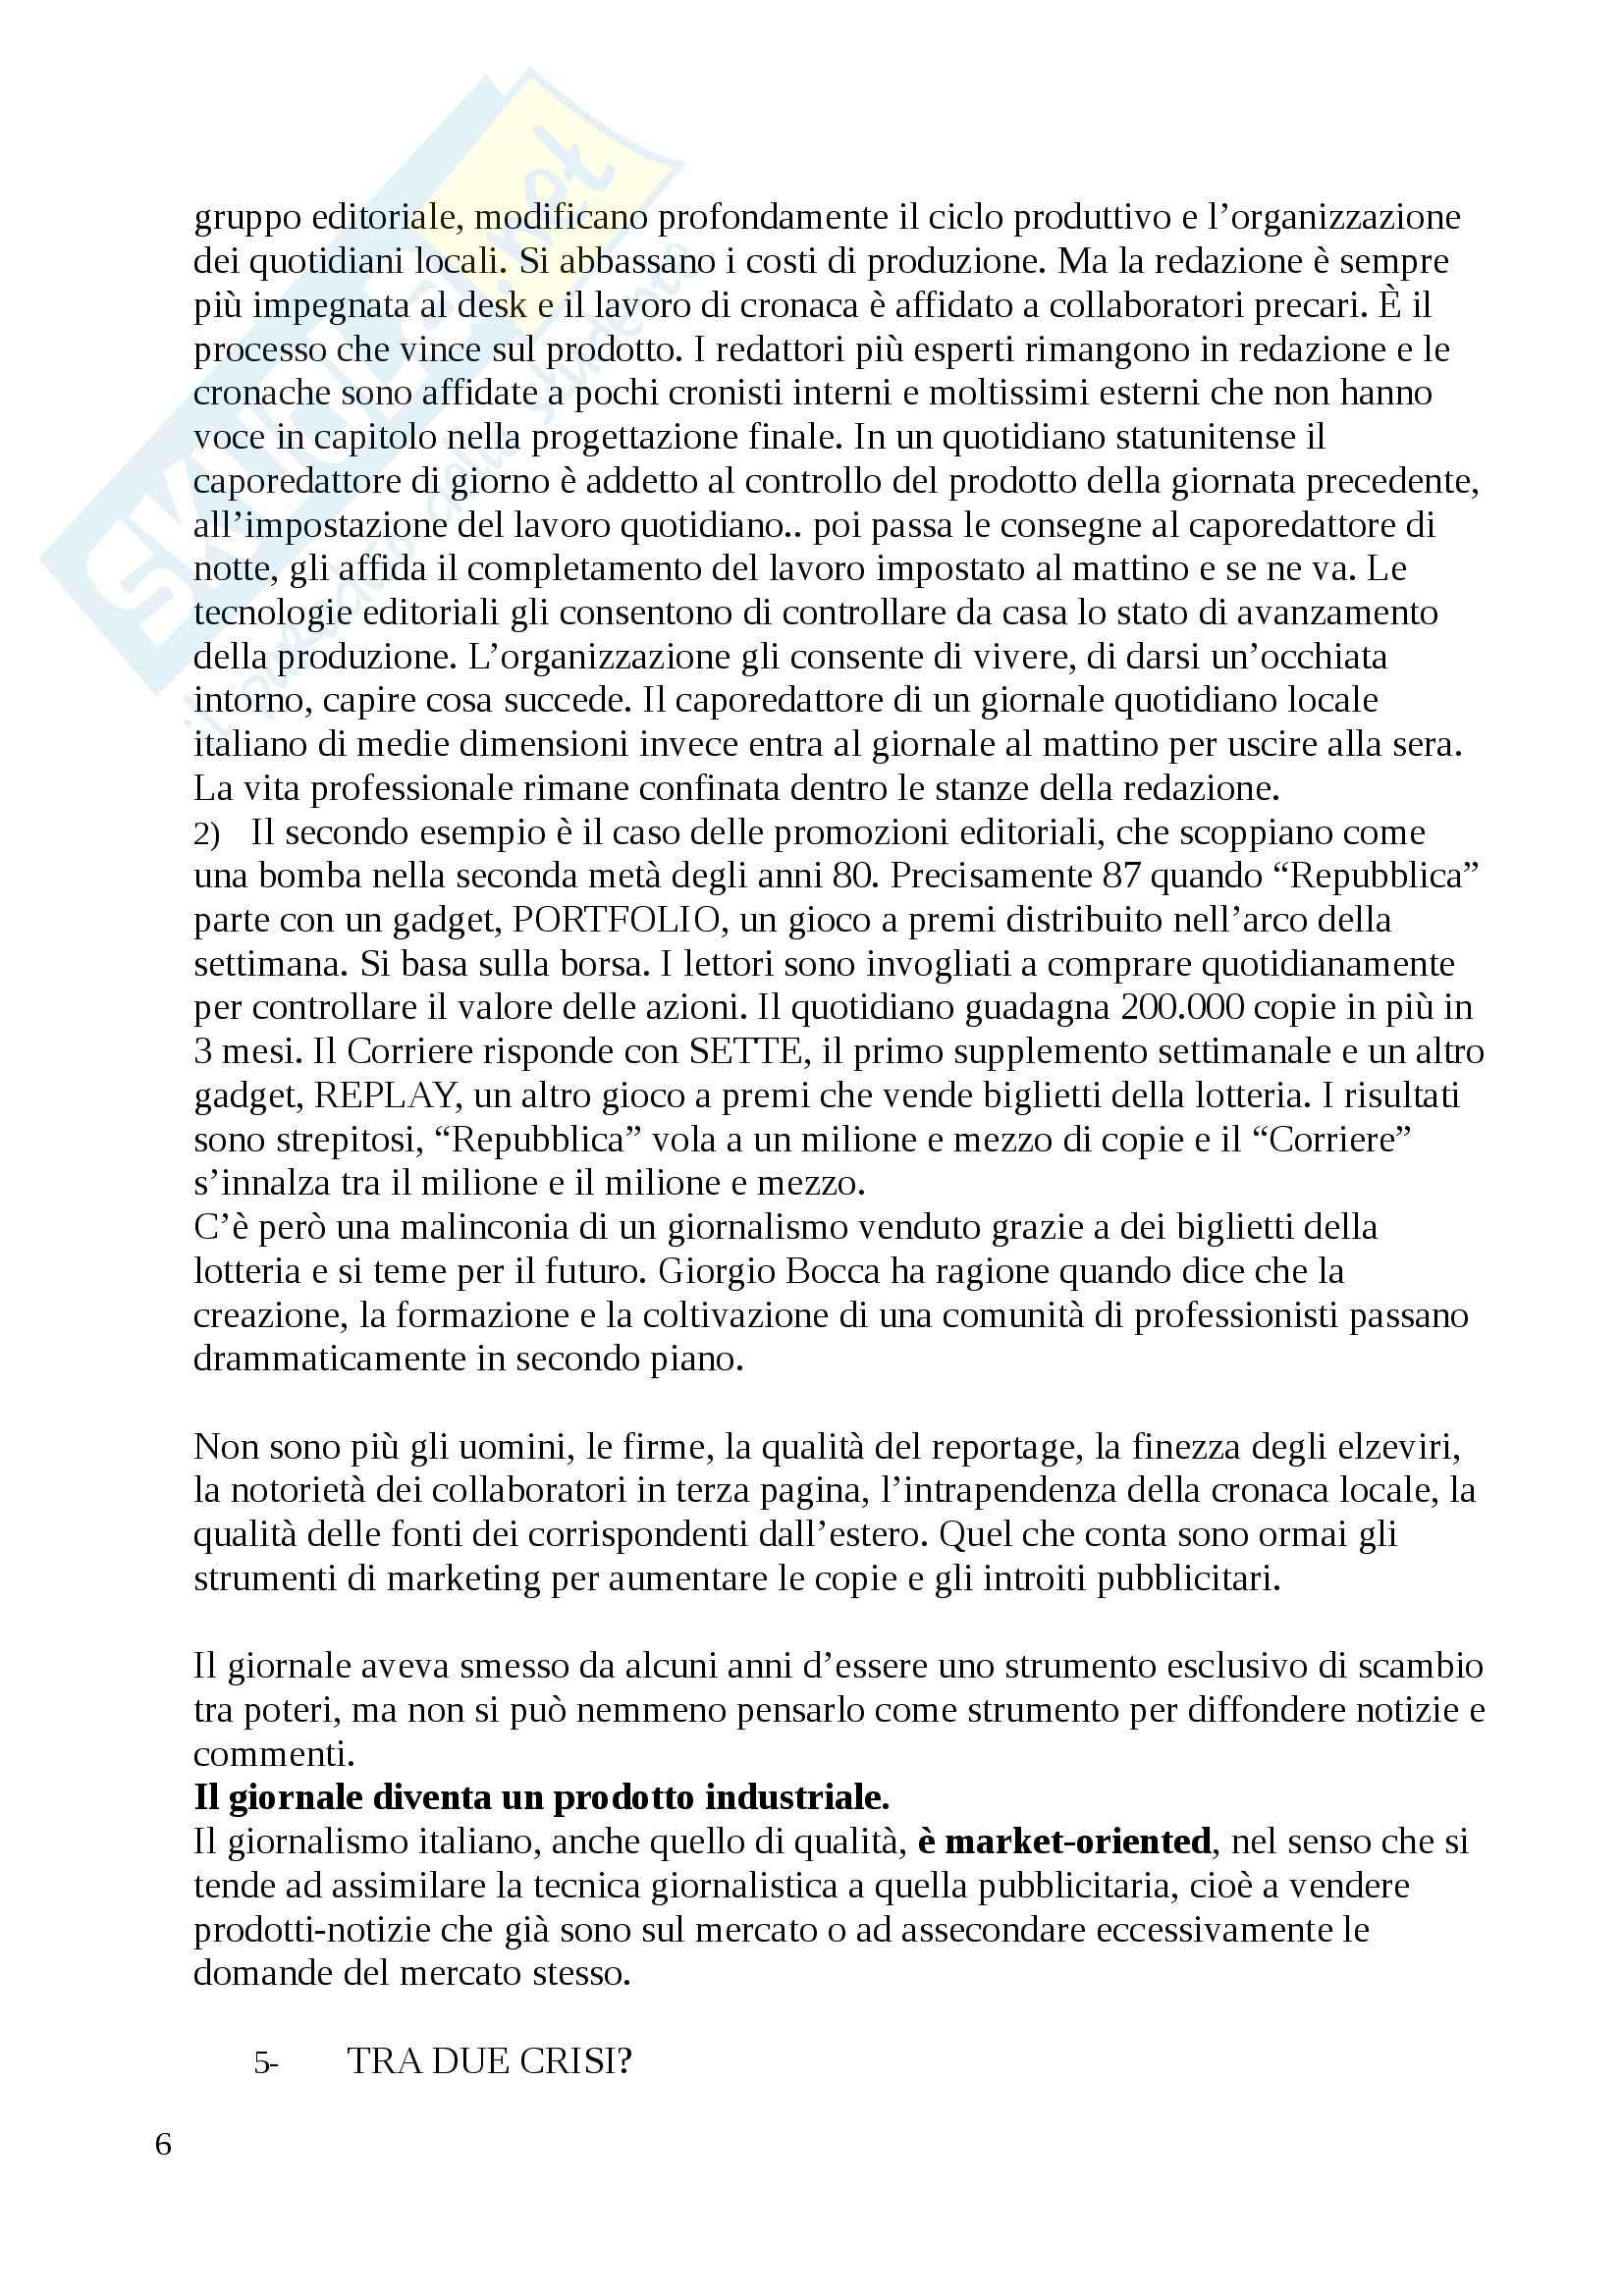 Riassunto esame Teorie e tecniche, prof. Berni, libro consigliato Giornalismi, Agostini Pag. 6